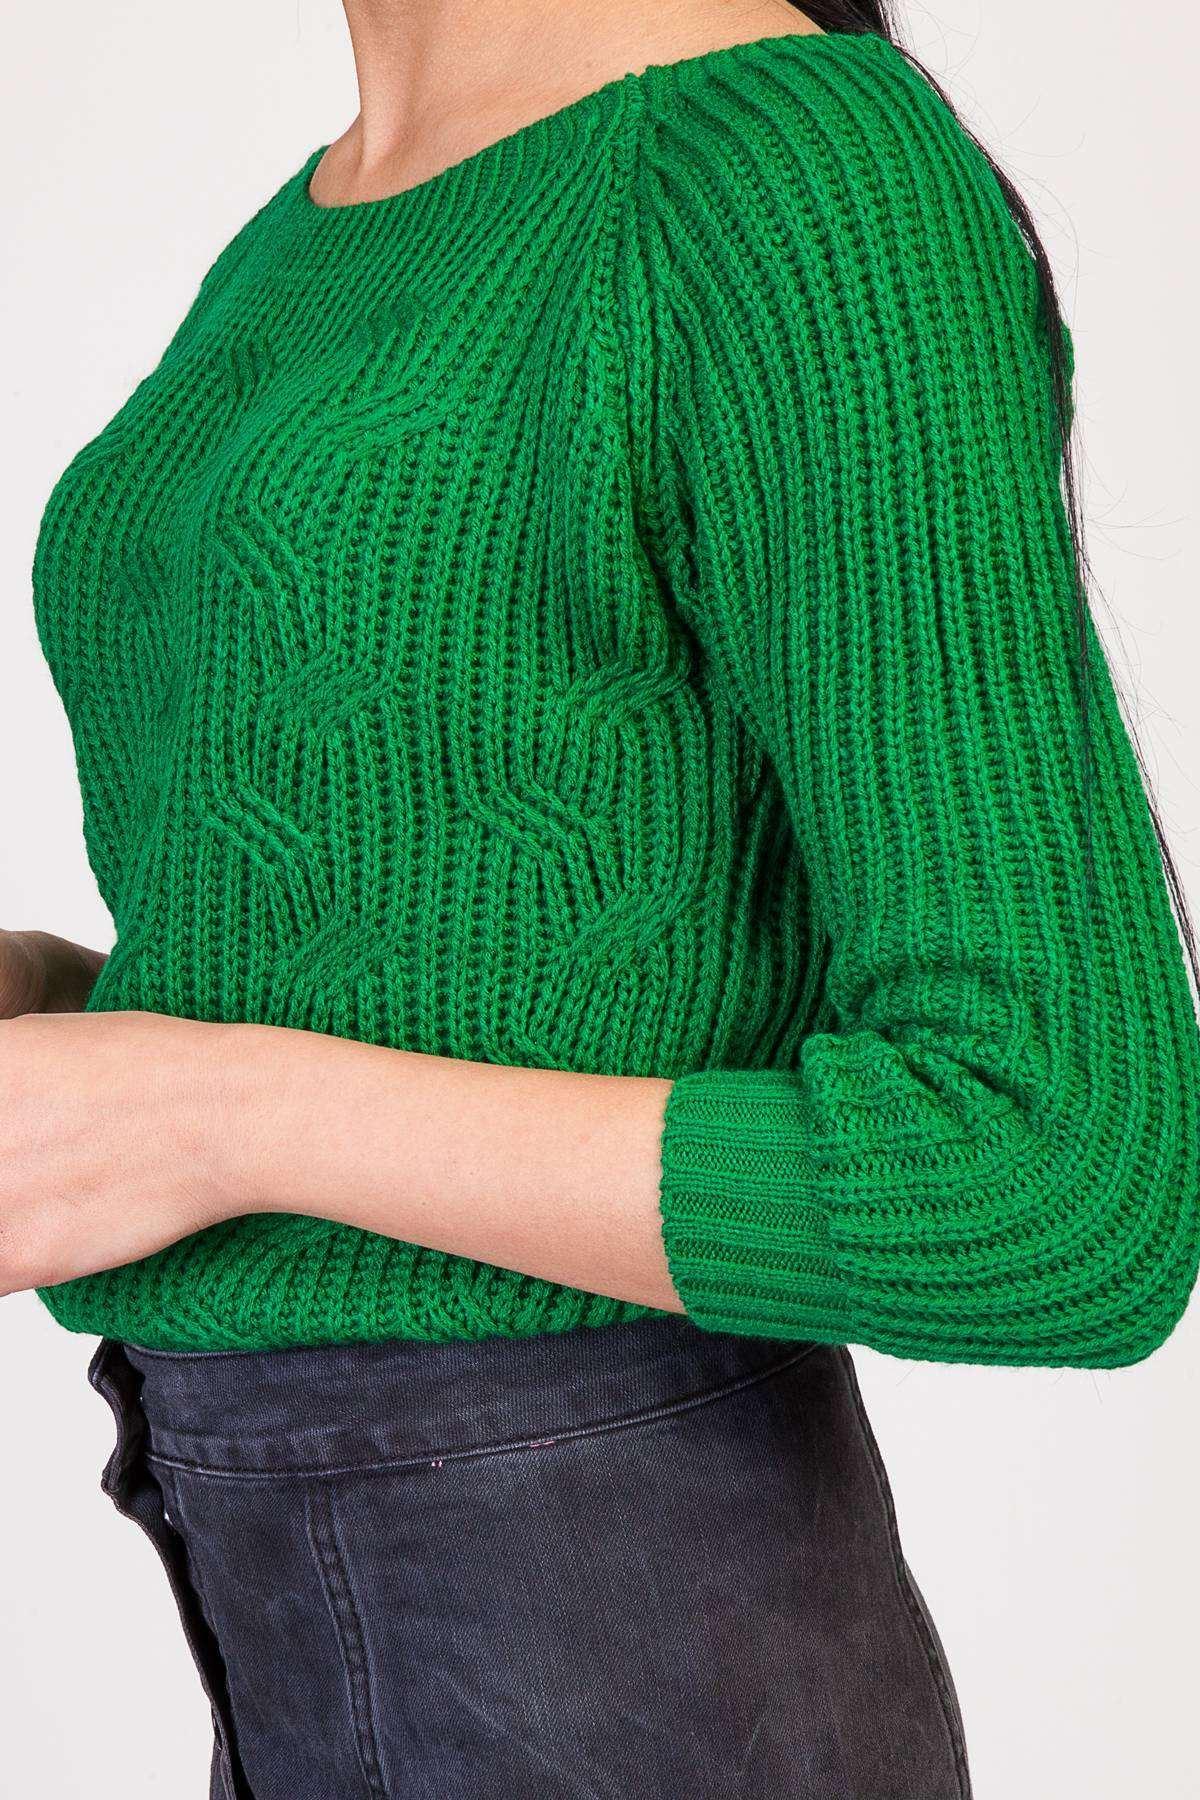 Saç Örgü Desenli Kol Fitil Detaylı Zincirleme Triko Yeşil